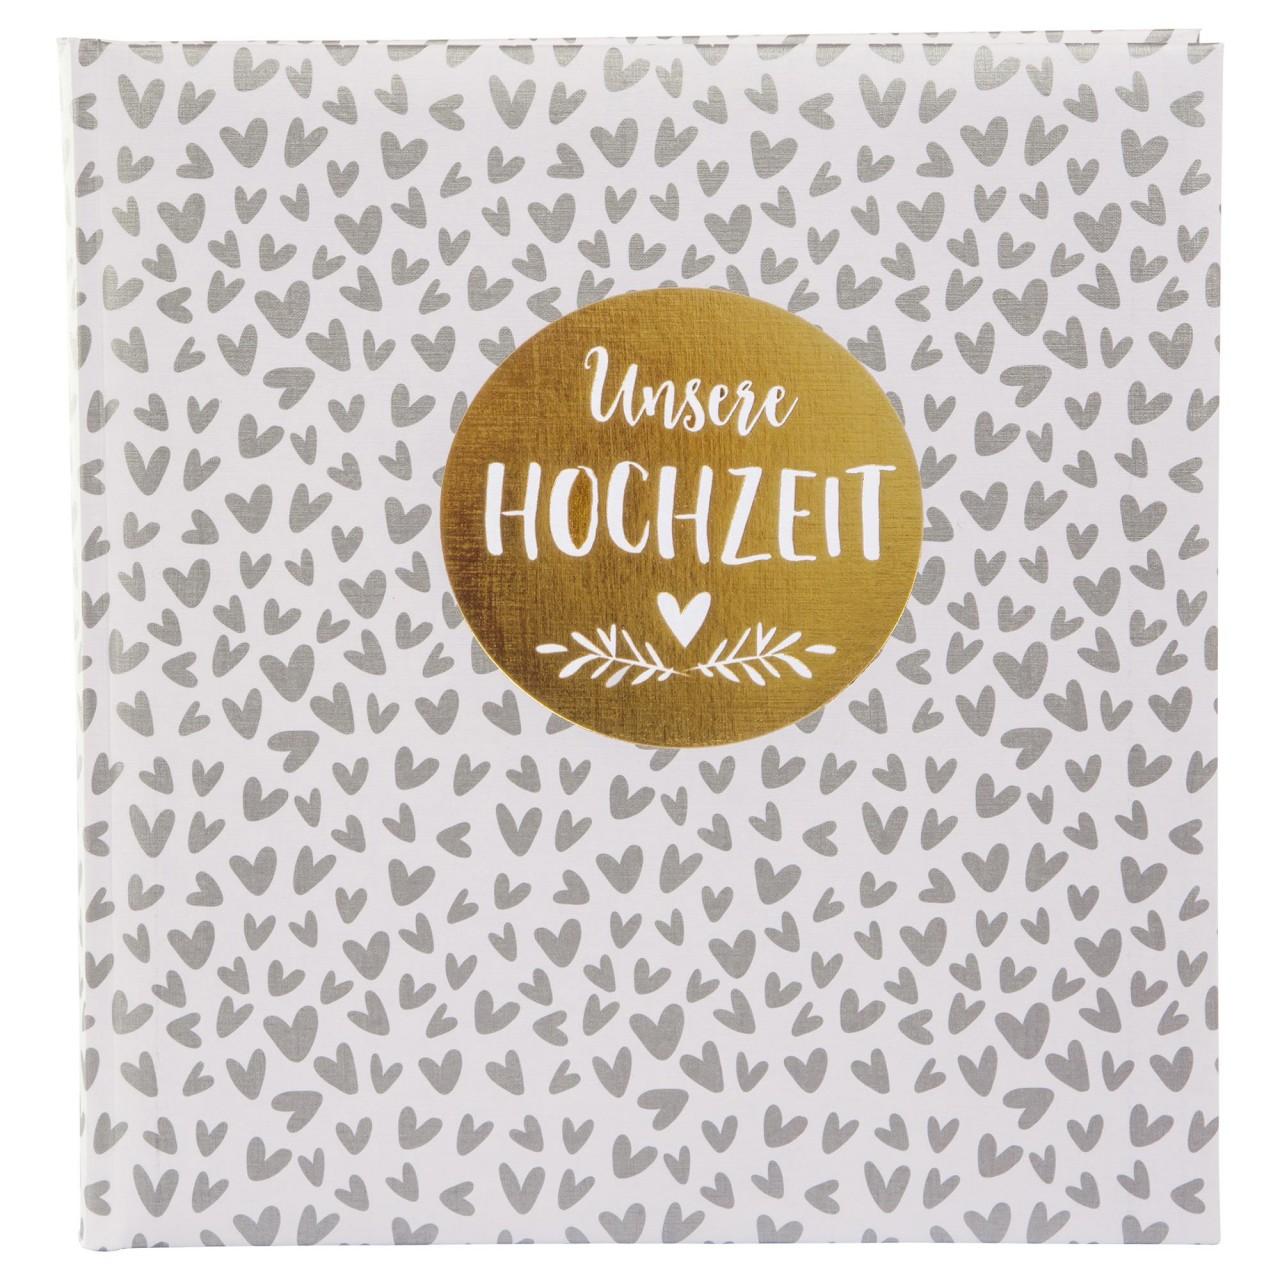 Goldbuch Hochzeitsalbum 1000 Hearts Hochzeitsalbum 08 153